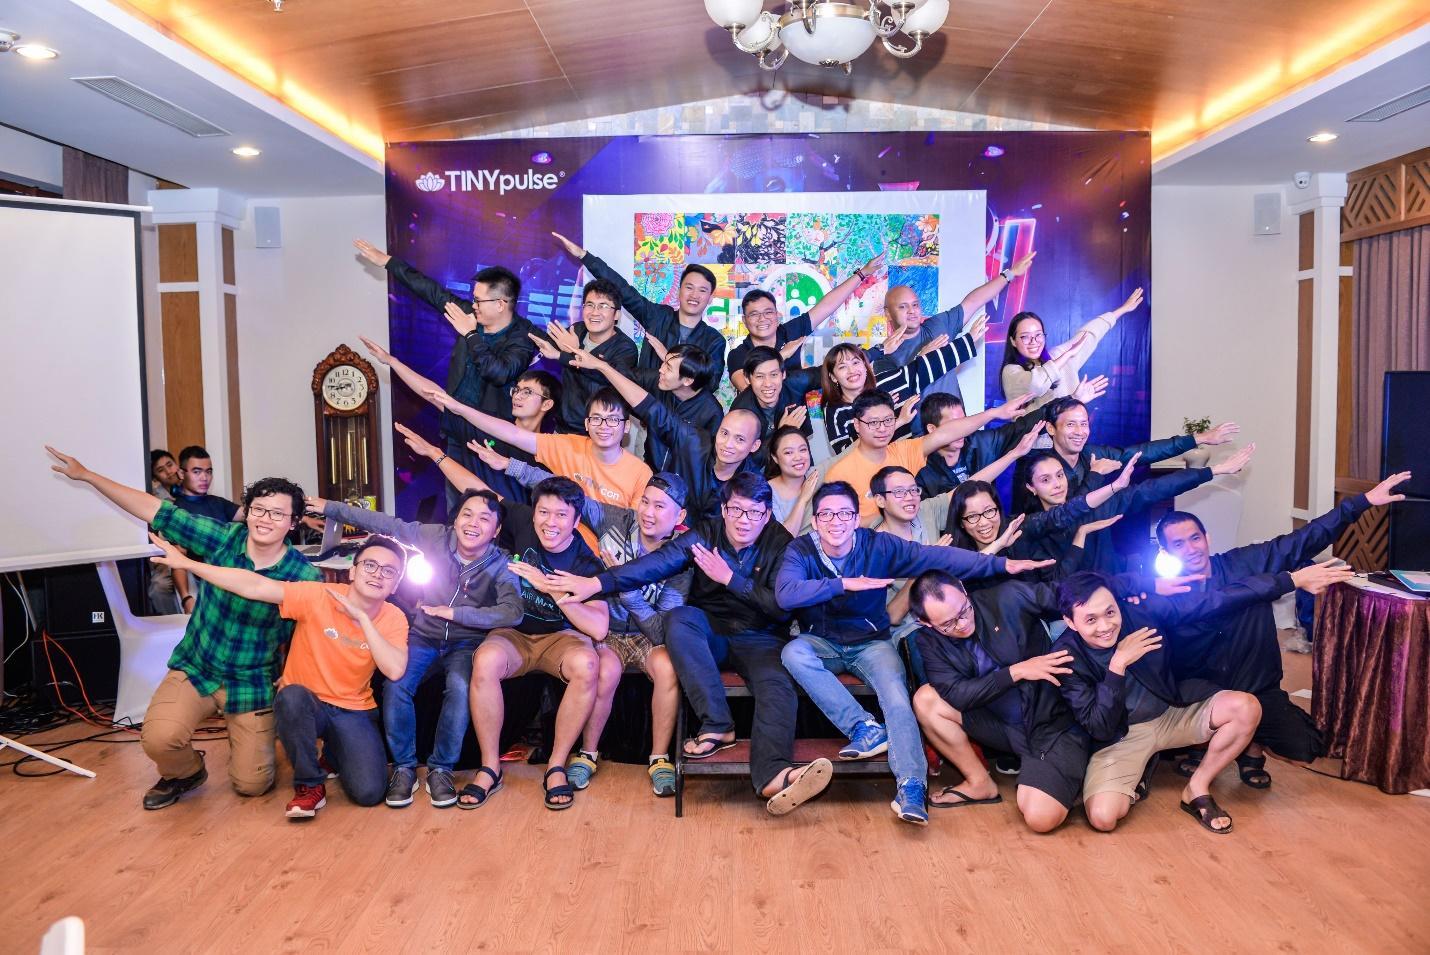 """TINYpulse - Lan tỏa sứ mệnh """"Làm cho nhân viên hạnh phúc hơn"""""""